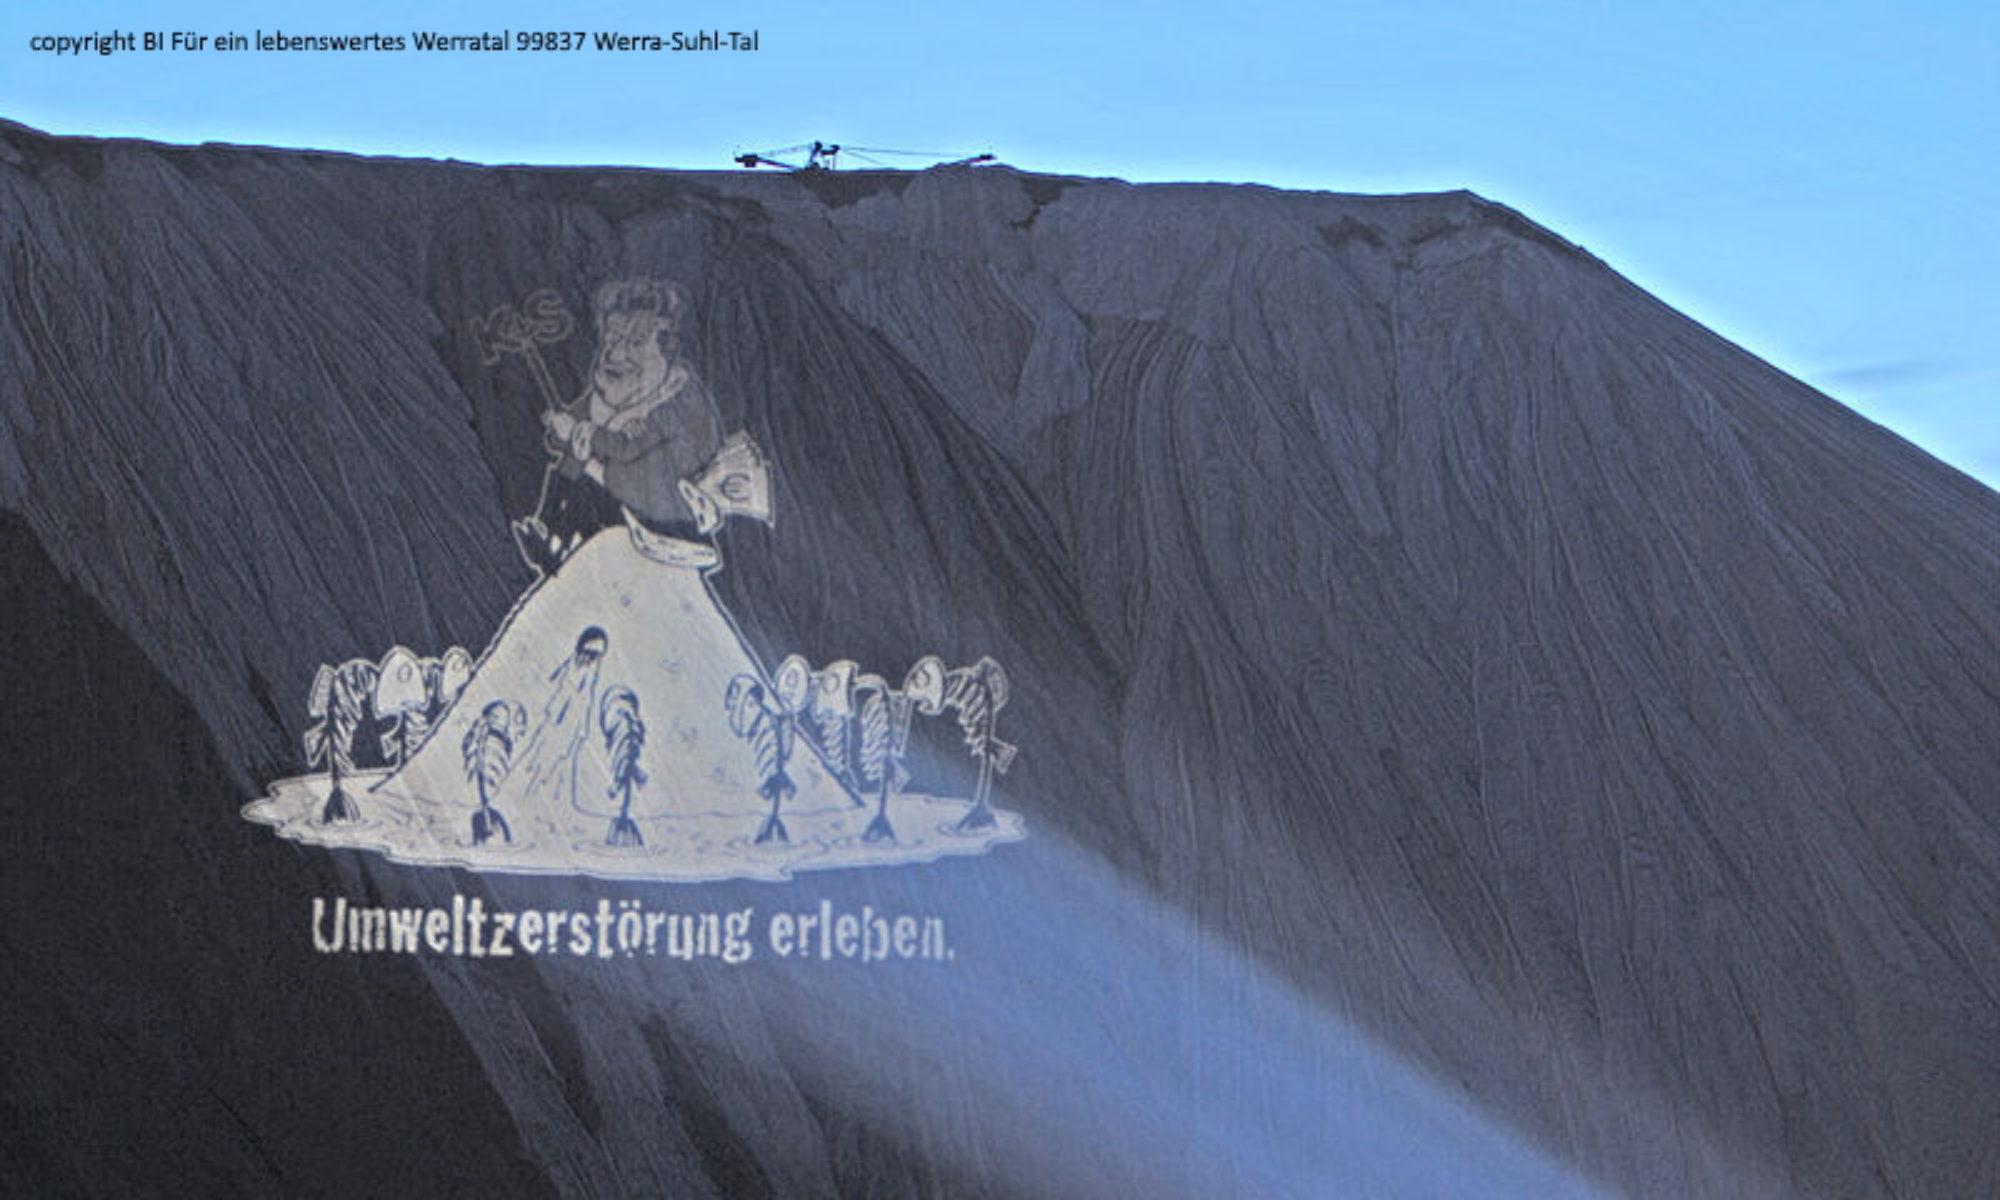 Der Salzblog - Werra und Weser